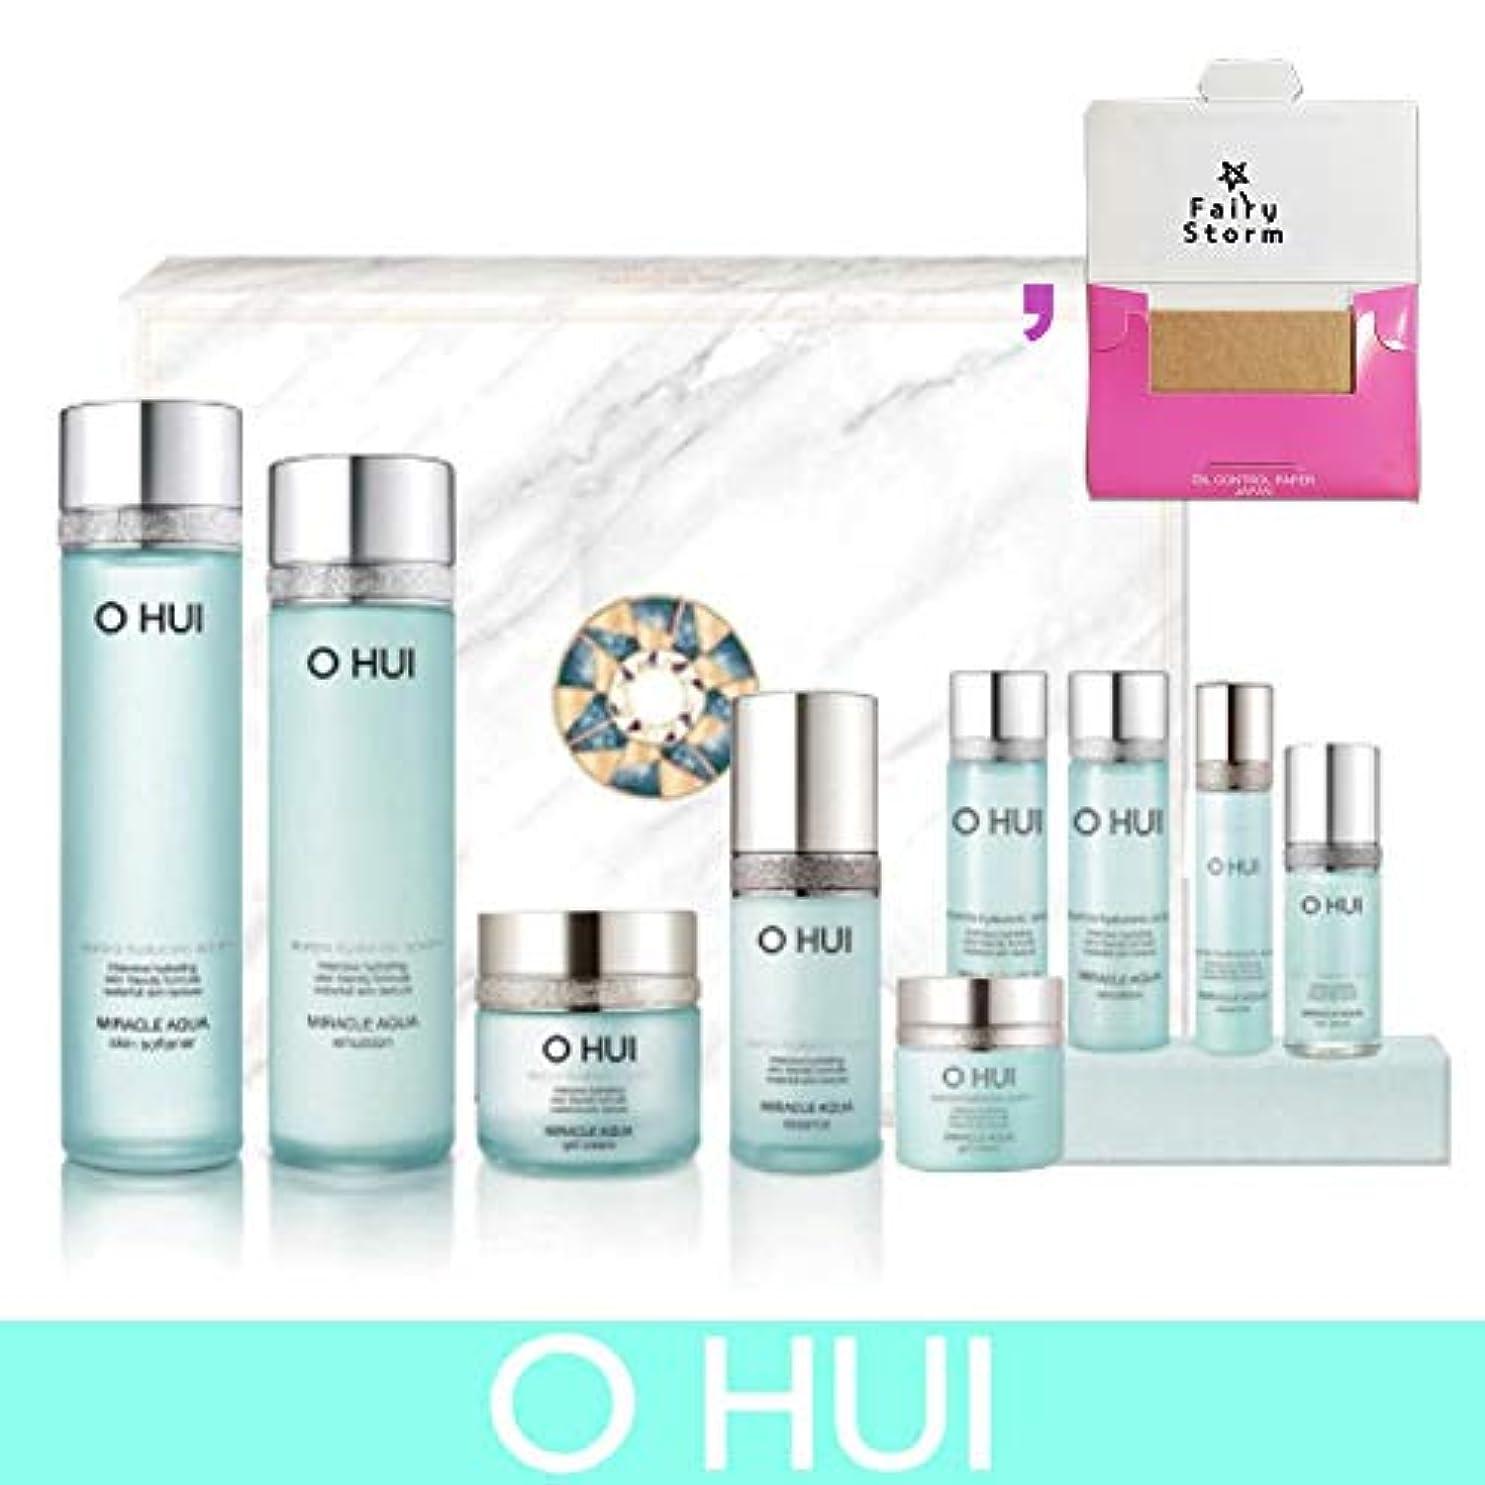 シロナガスクジラ楽しませる欠かせない[オフィ/O HUI]韓国化粧品 LG生活健康/O HUI MIRACLE AQUA SPECIAL 4EA SET/ミラクル アクア 4種セット + [Sample Gift](海外直送品)